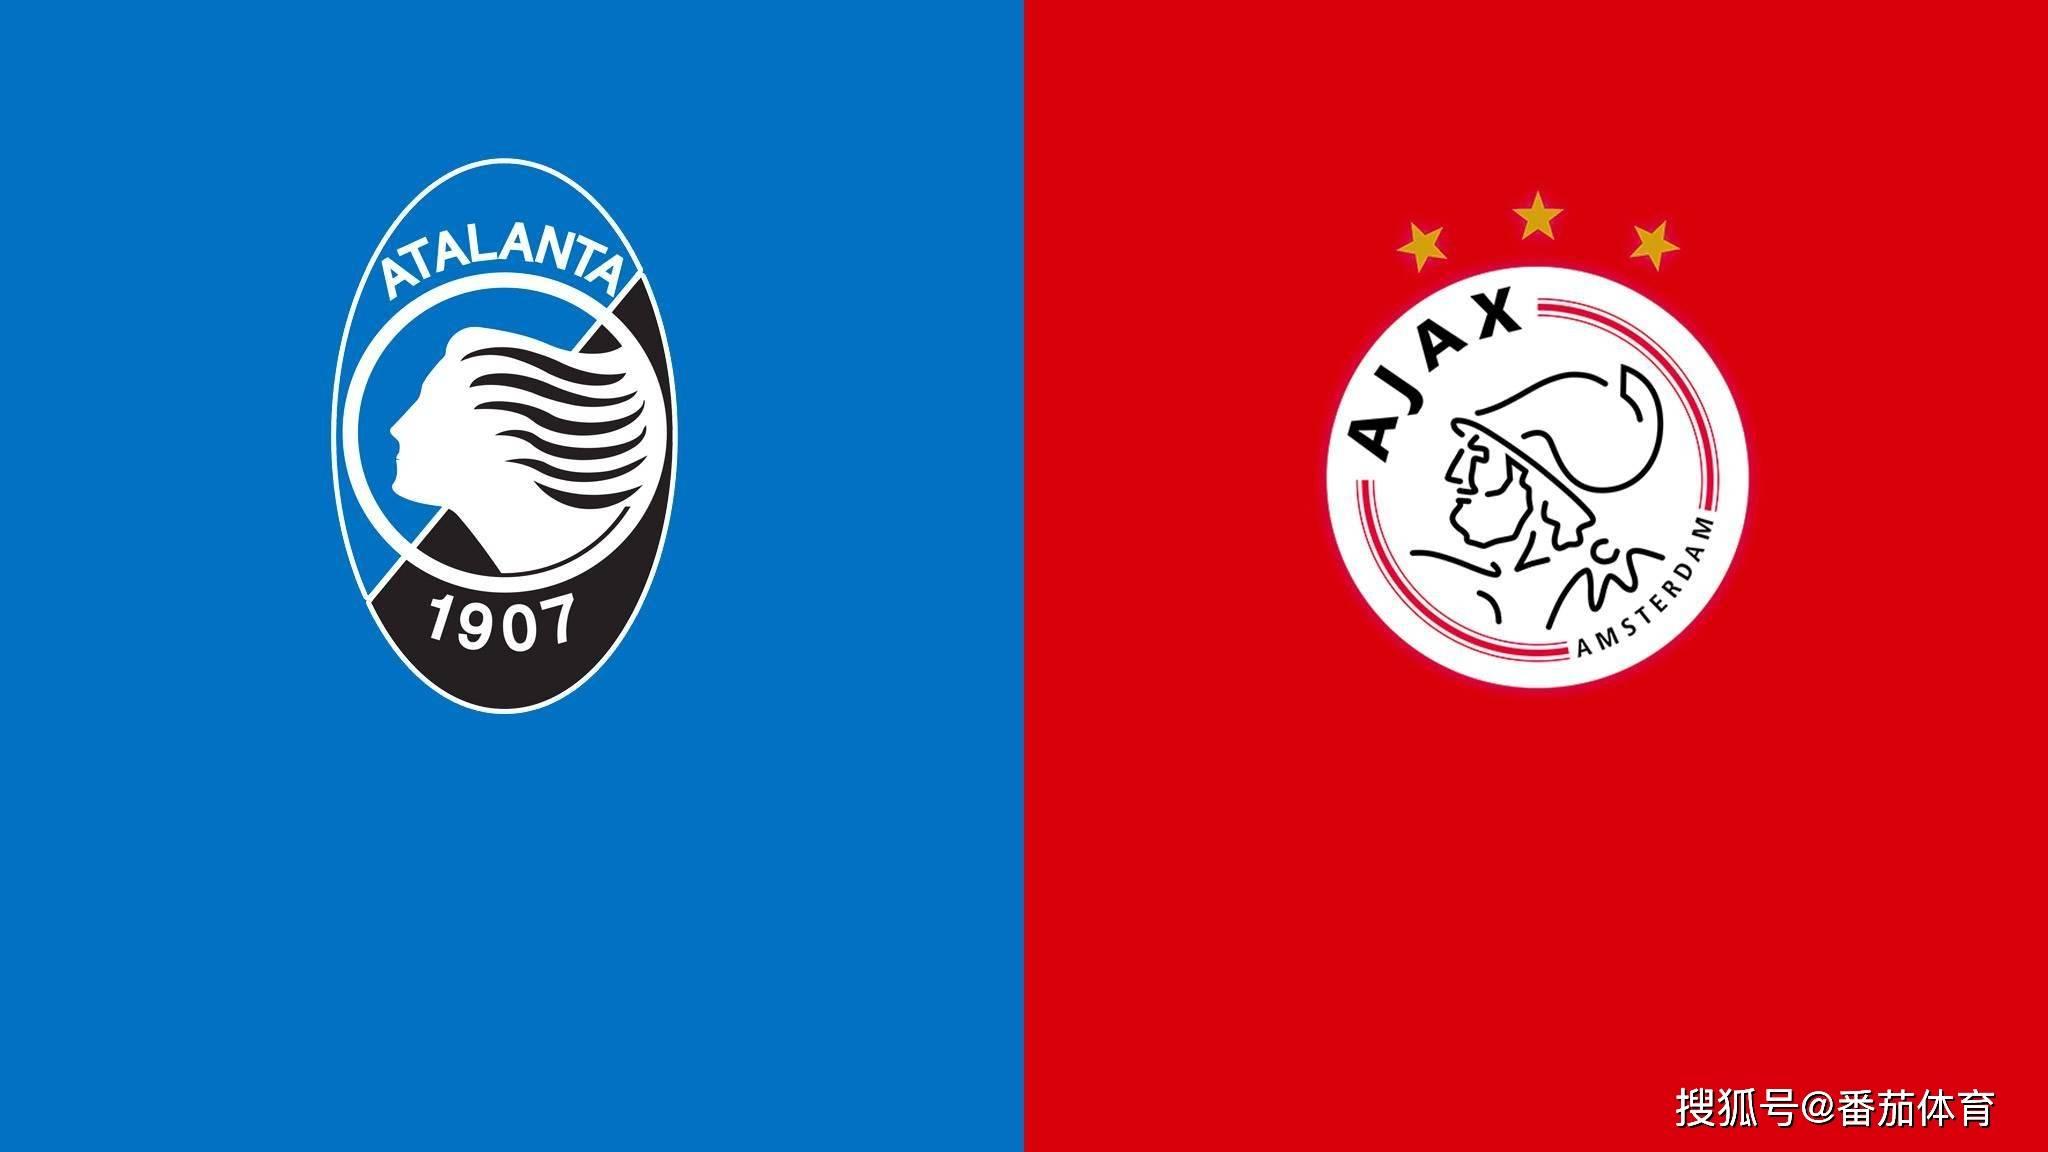 [欧冠杯]赛事前瞻:亚特兰年夜vs阿贾克斯,亚特兰年夜崭露头角